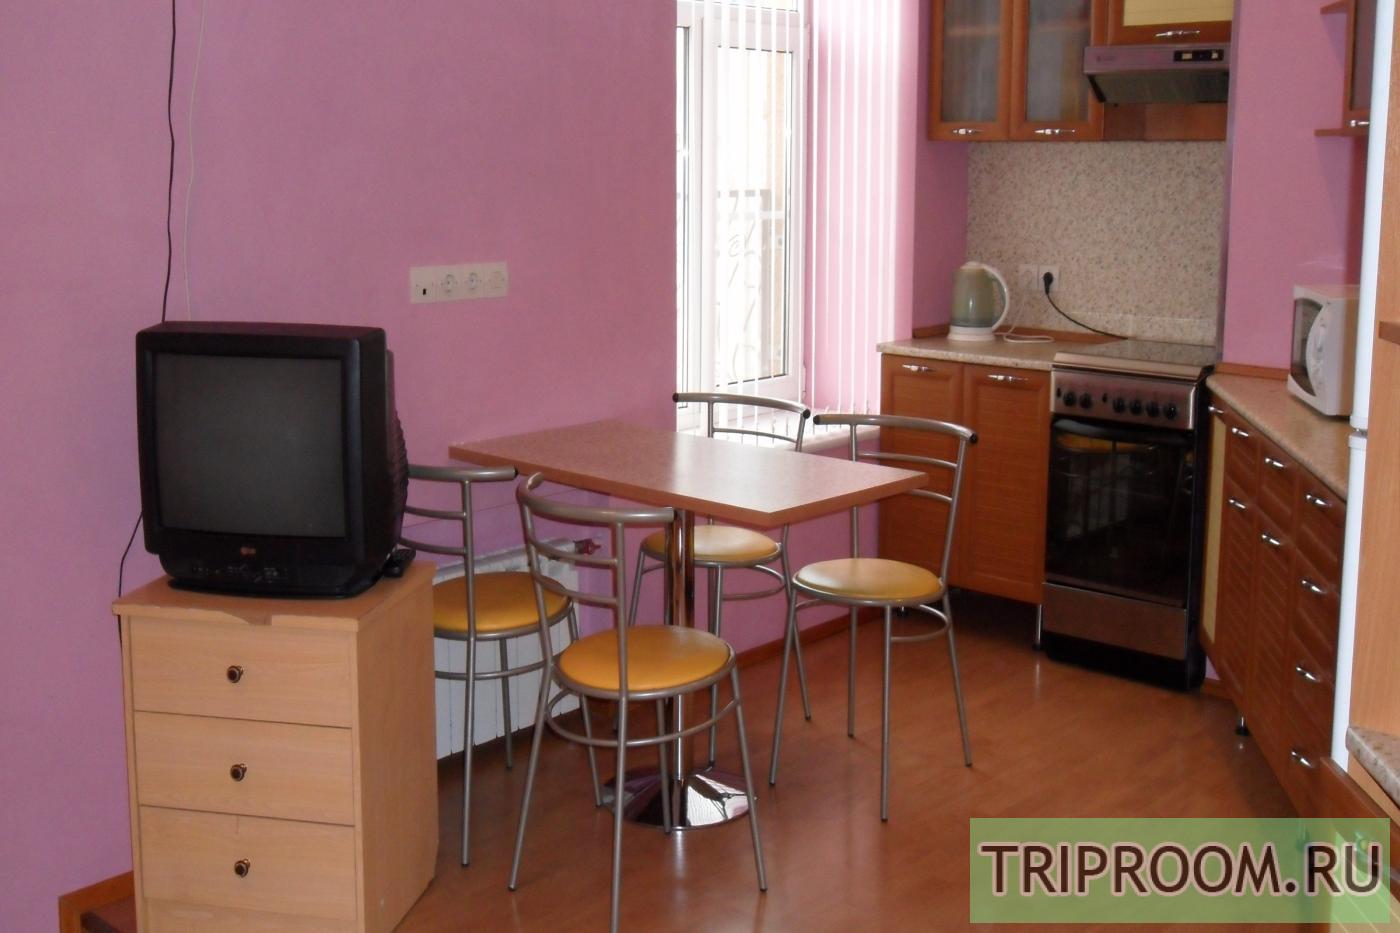 2-комнатная квартира посуточно (вариант № 7558), ул. Советская улица, фото № 2